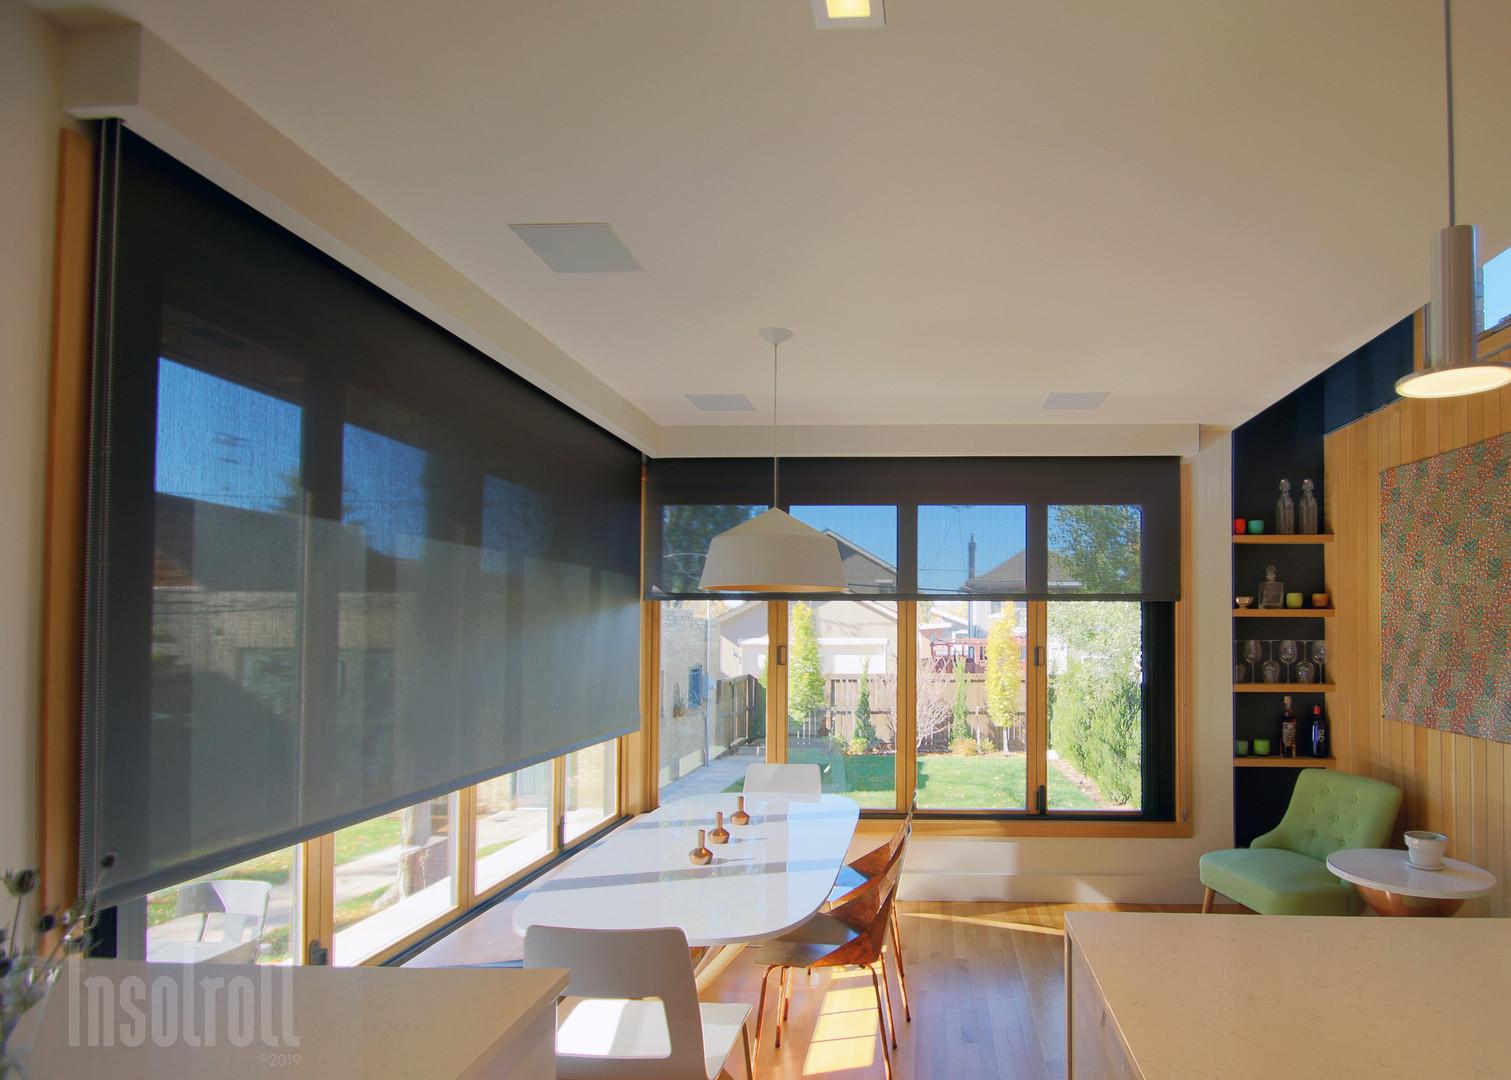 Insolroll-solar-shades-midcentury-living